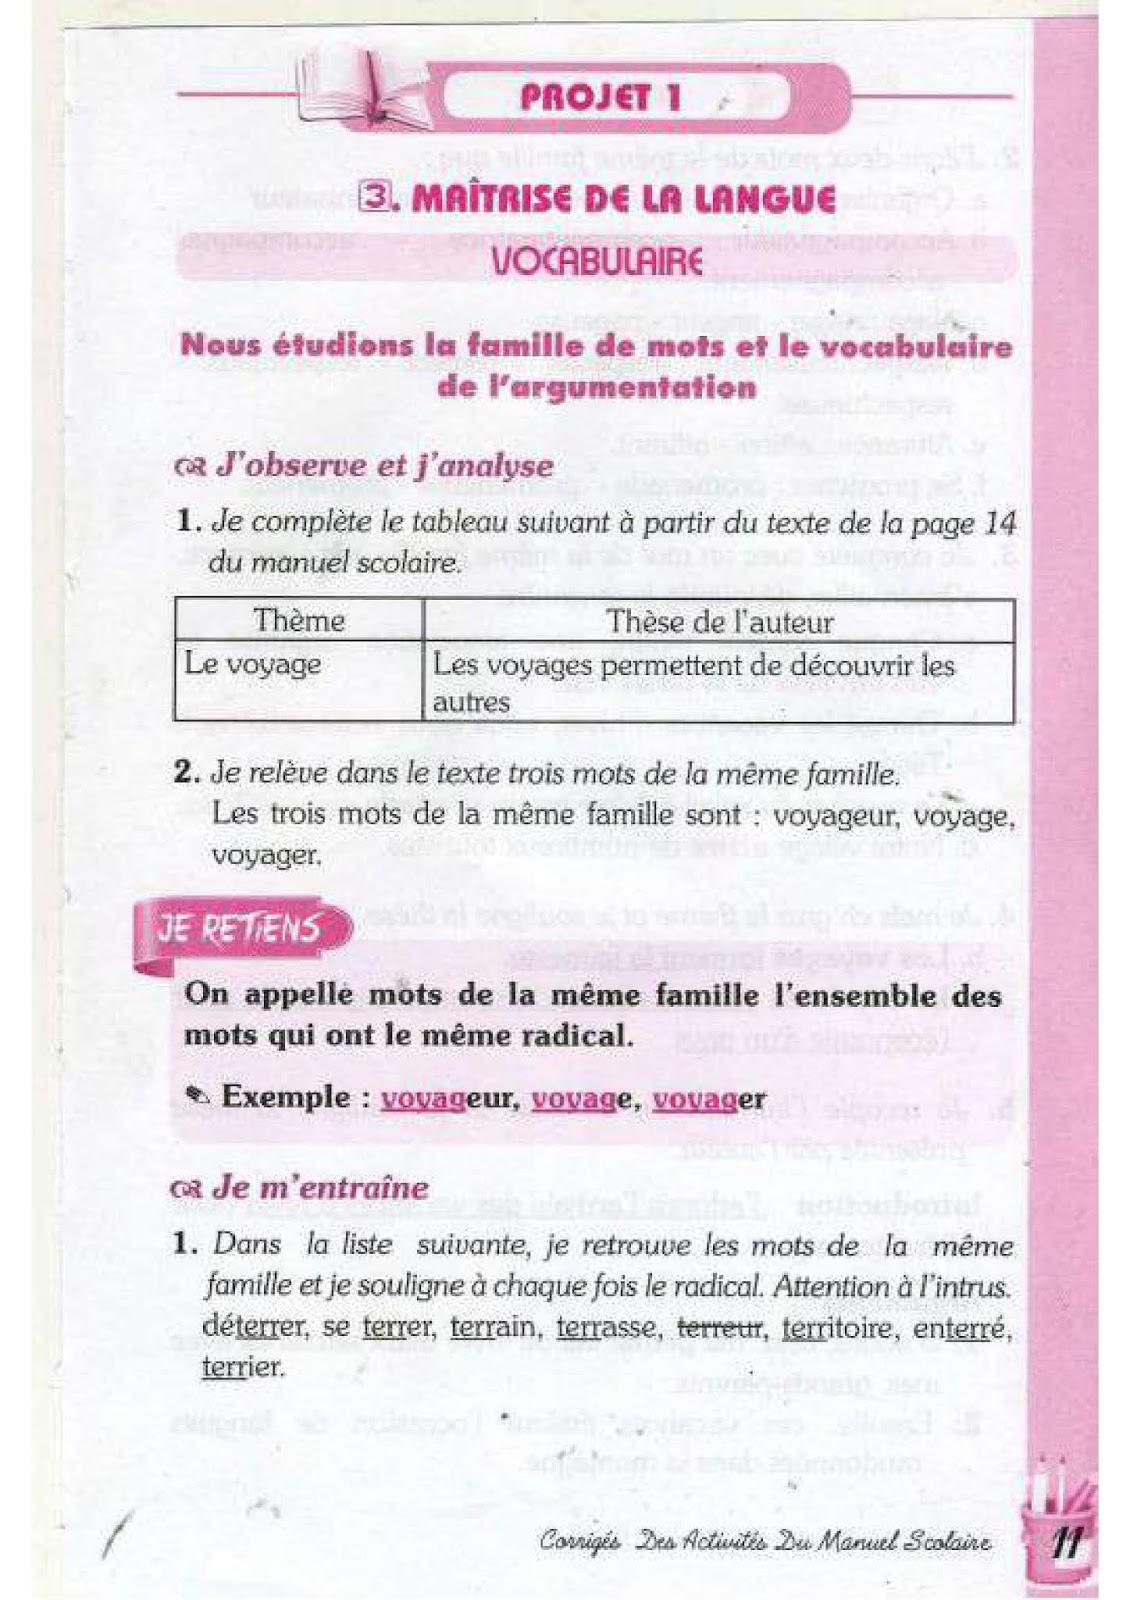 حل تمارين صفحة 15 الفرنسية للسنة الرابعة متوسط - الجيل الثاني   موقع  التعليم الجزائري - Dzetude